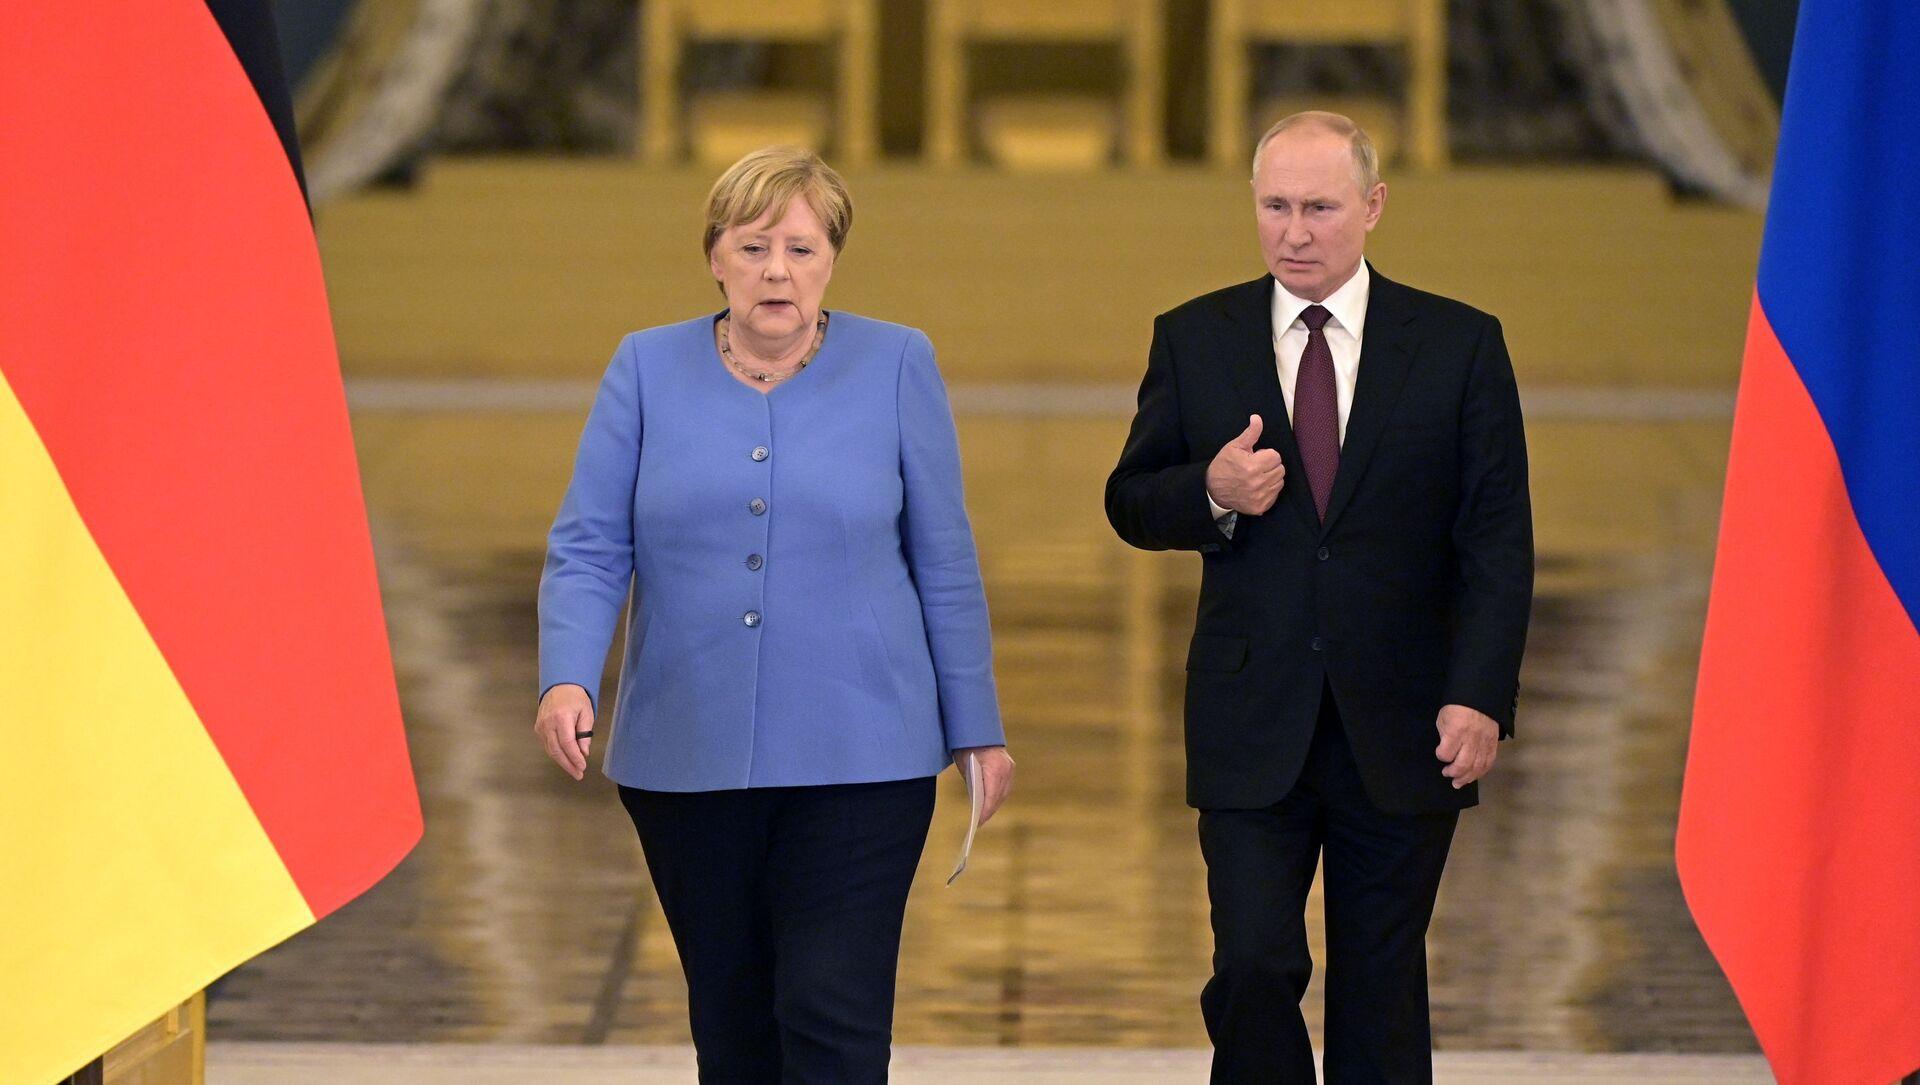 Vladimir Putin və Angela Merkel, arxiv şəkli  - Sputnik Азербайджан, 1920, 20.08.2021